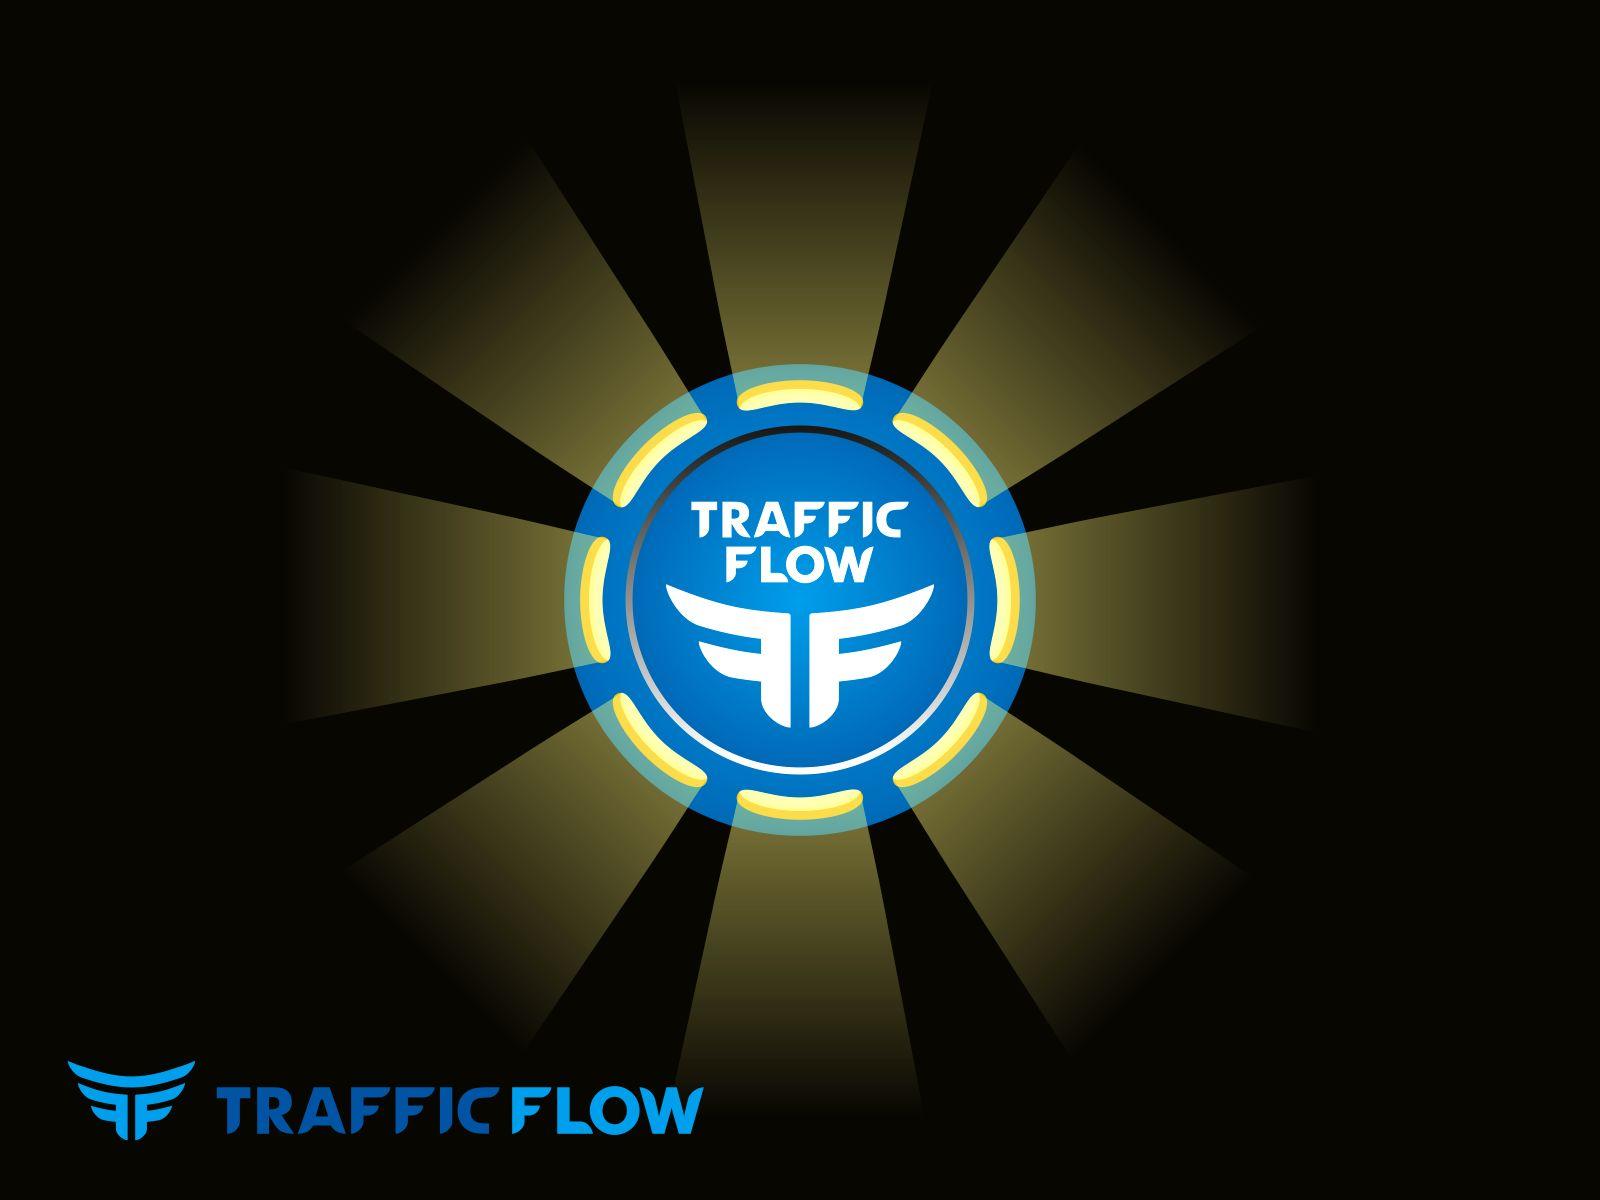 Лого и фирменный стиль для Traffic Flow - дизайнер -N-